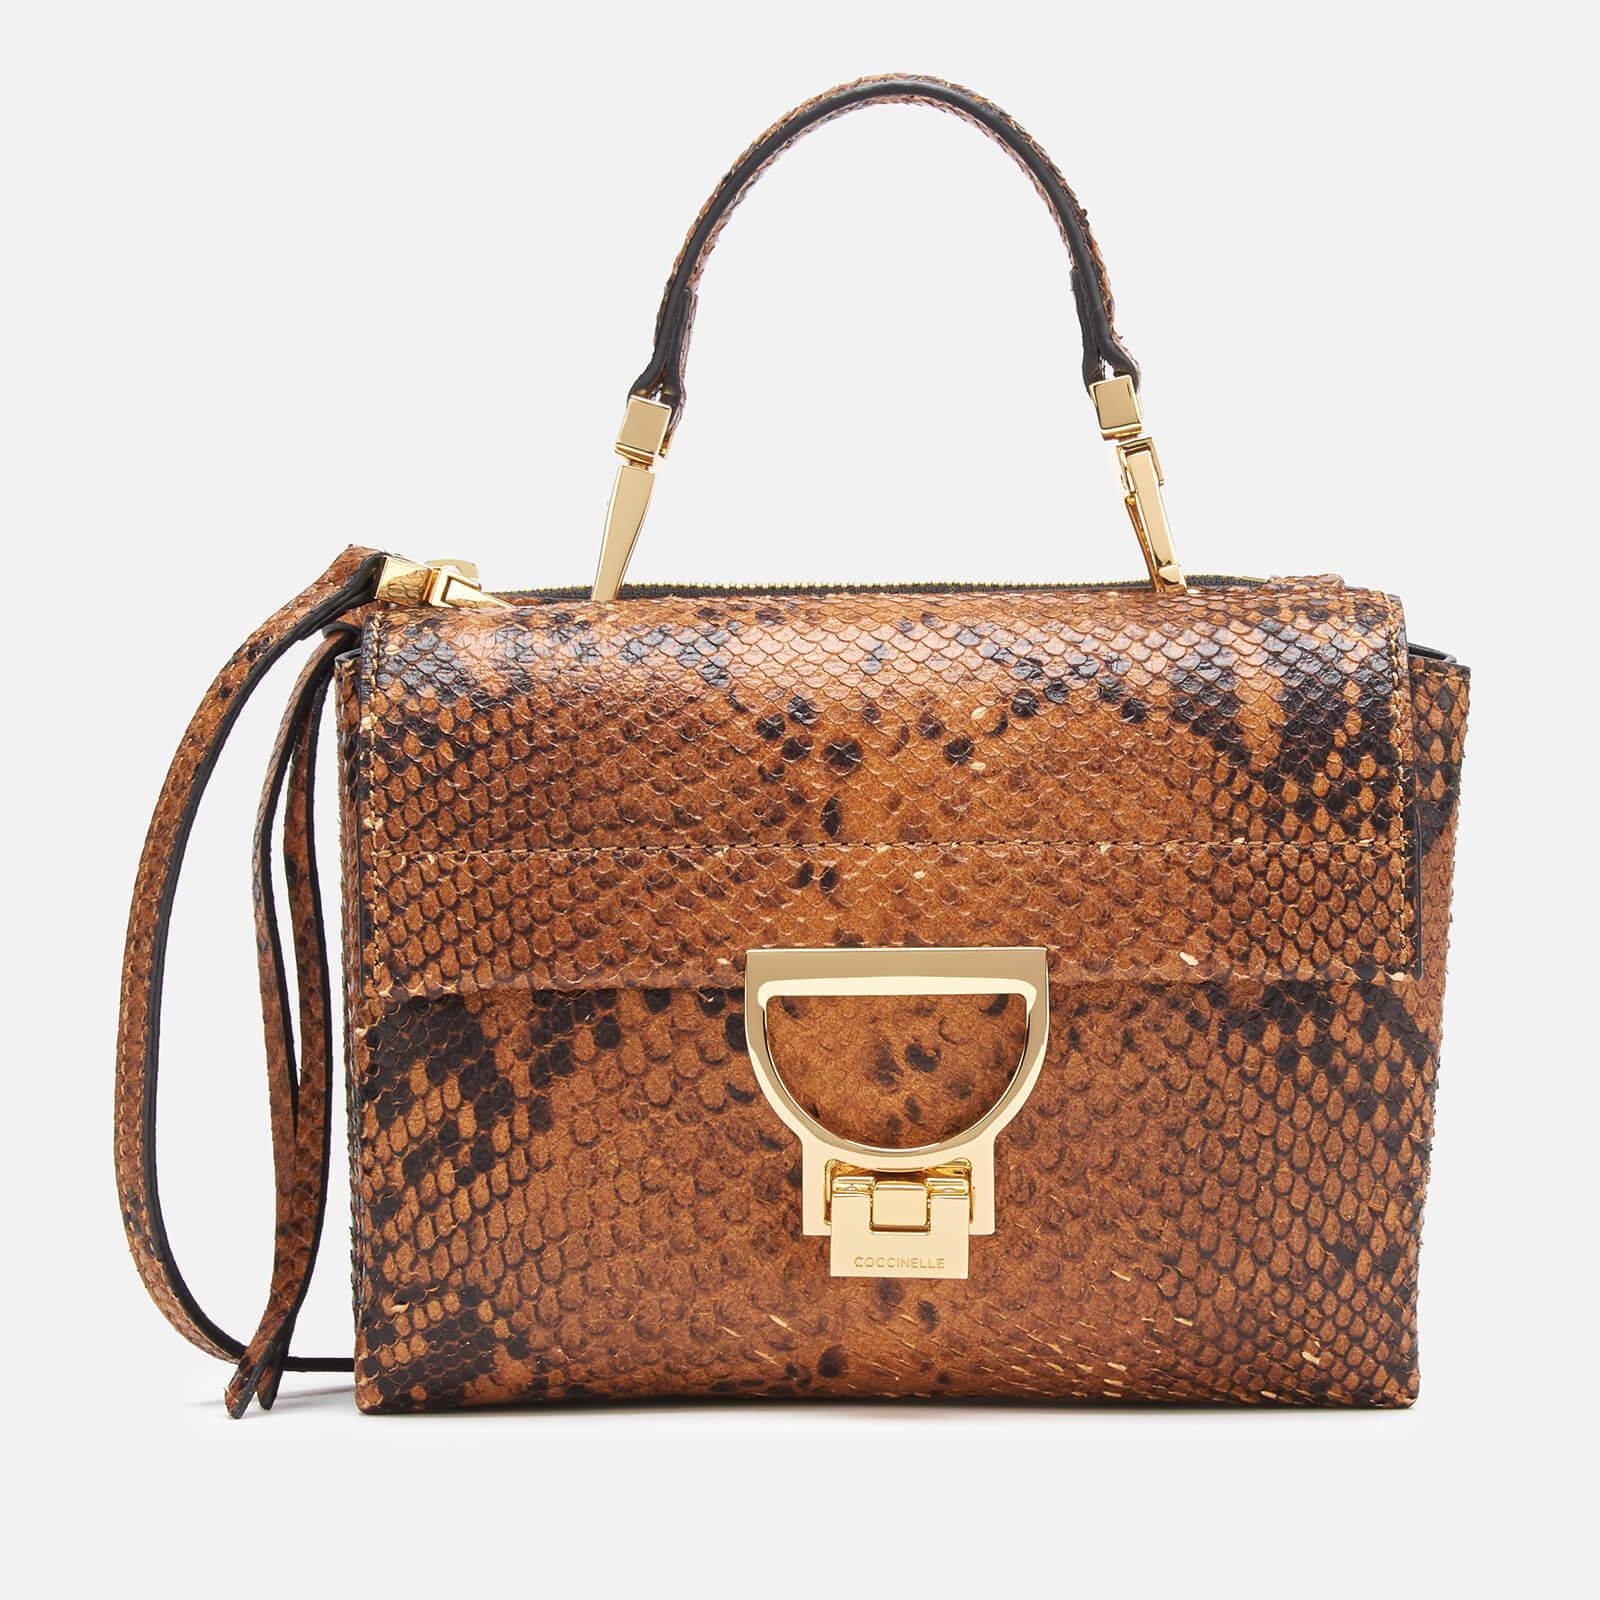 neue Version kostengünstig große Vielfalt Modelle Coccinelle Women's Arlettis Python Bag - Caramel